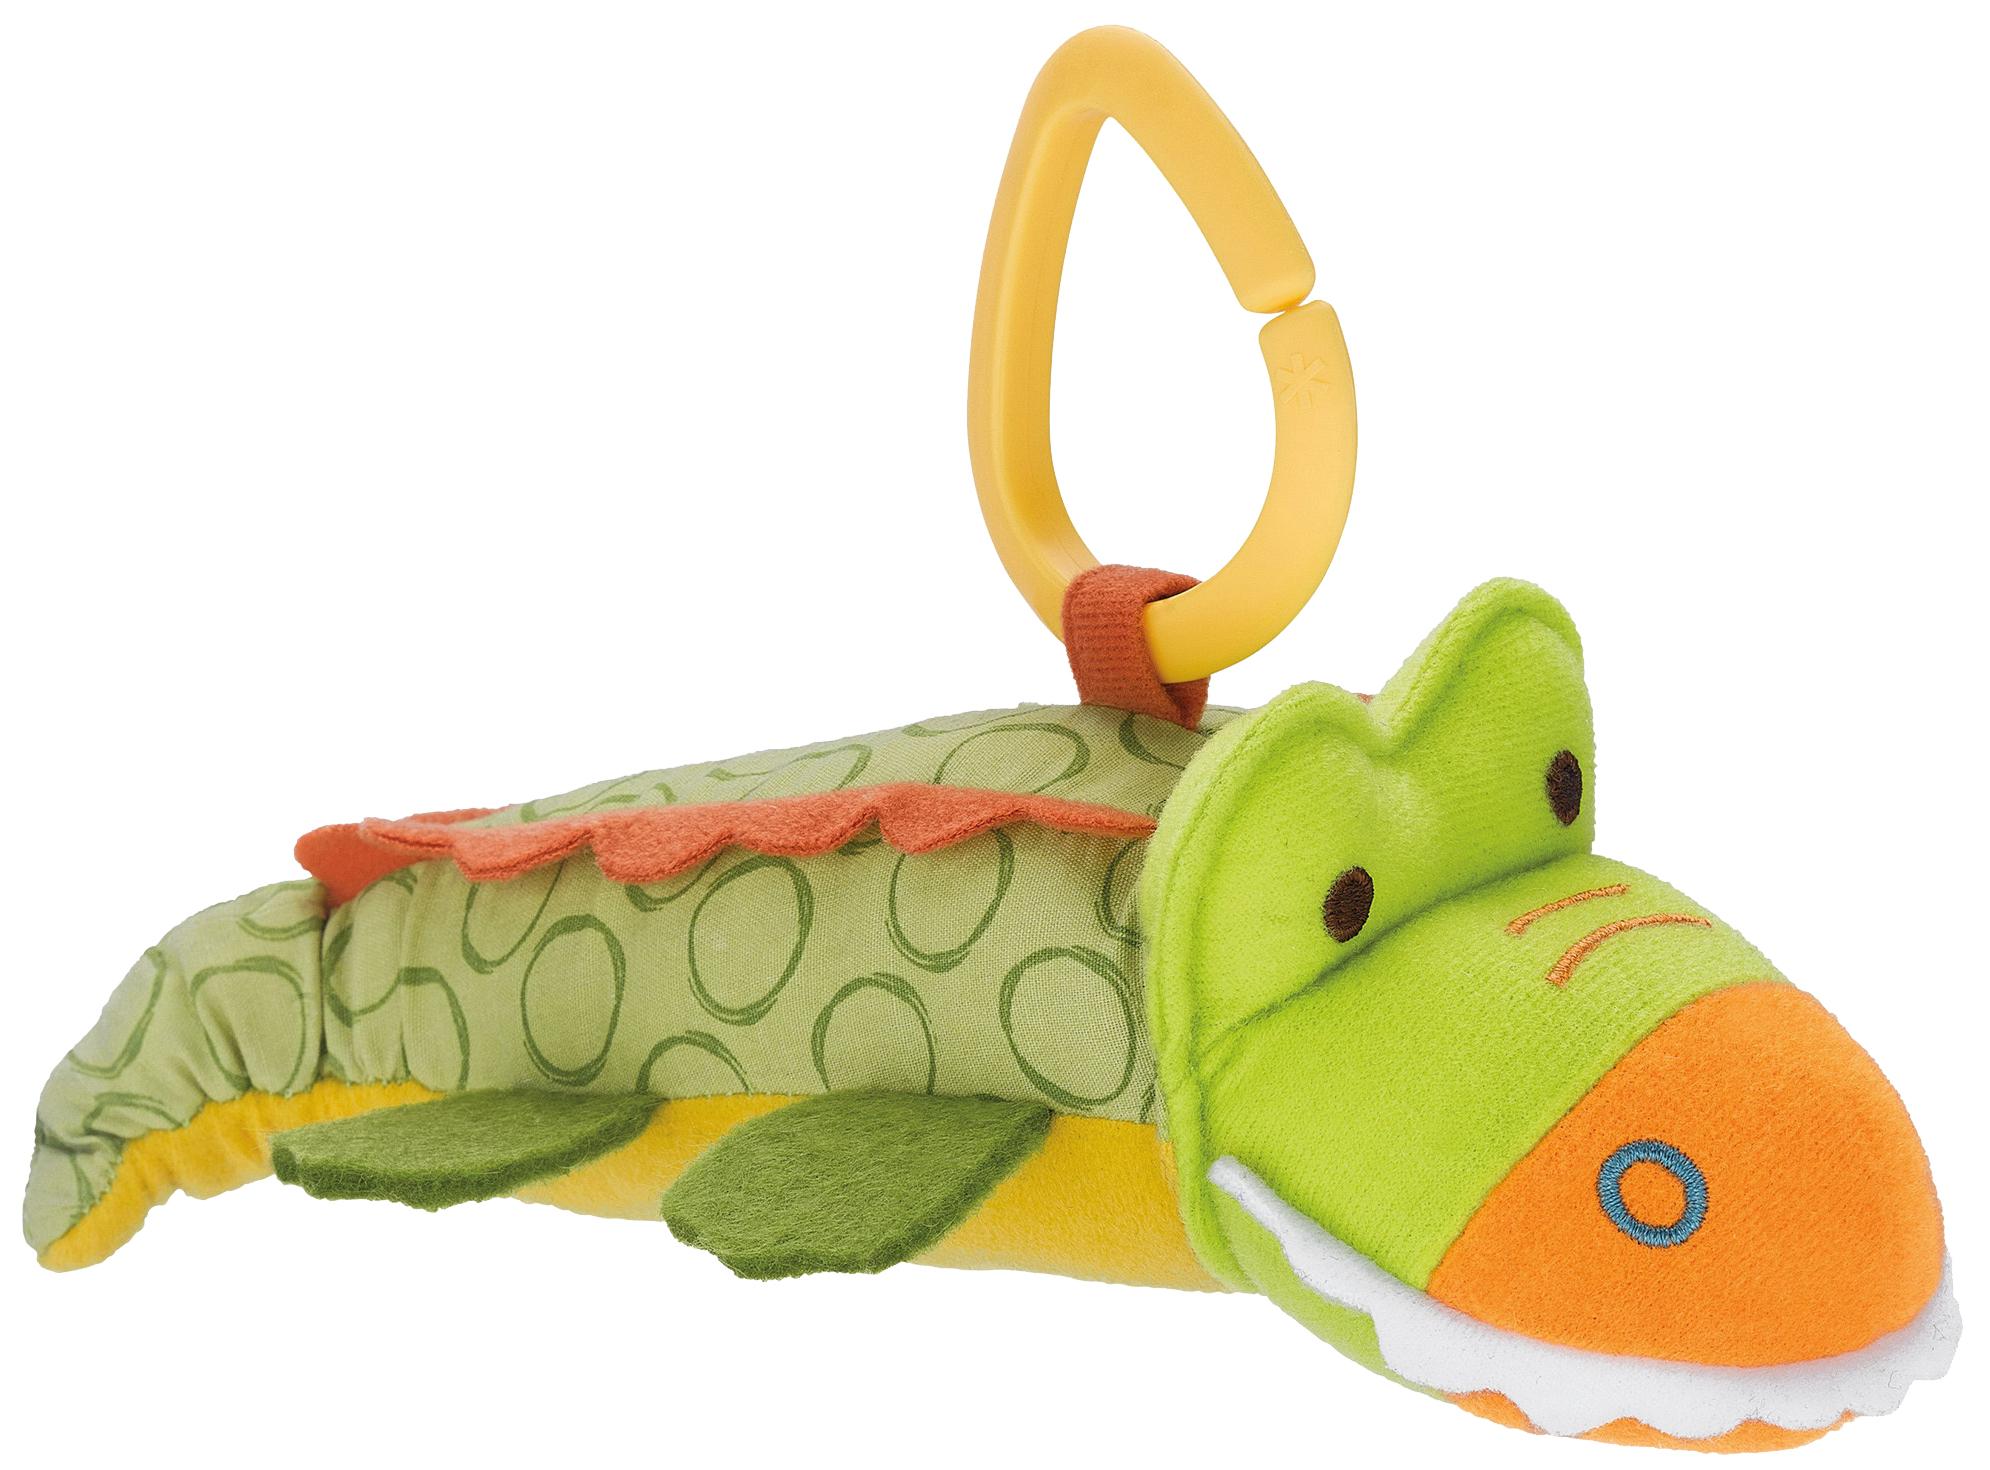 Купить Развивающая игрушка на коляску Skip Hop Крокодил SH 307422, Интерактивные развивающие игрушки